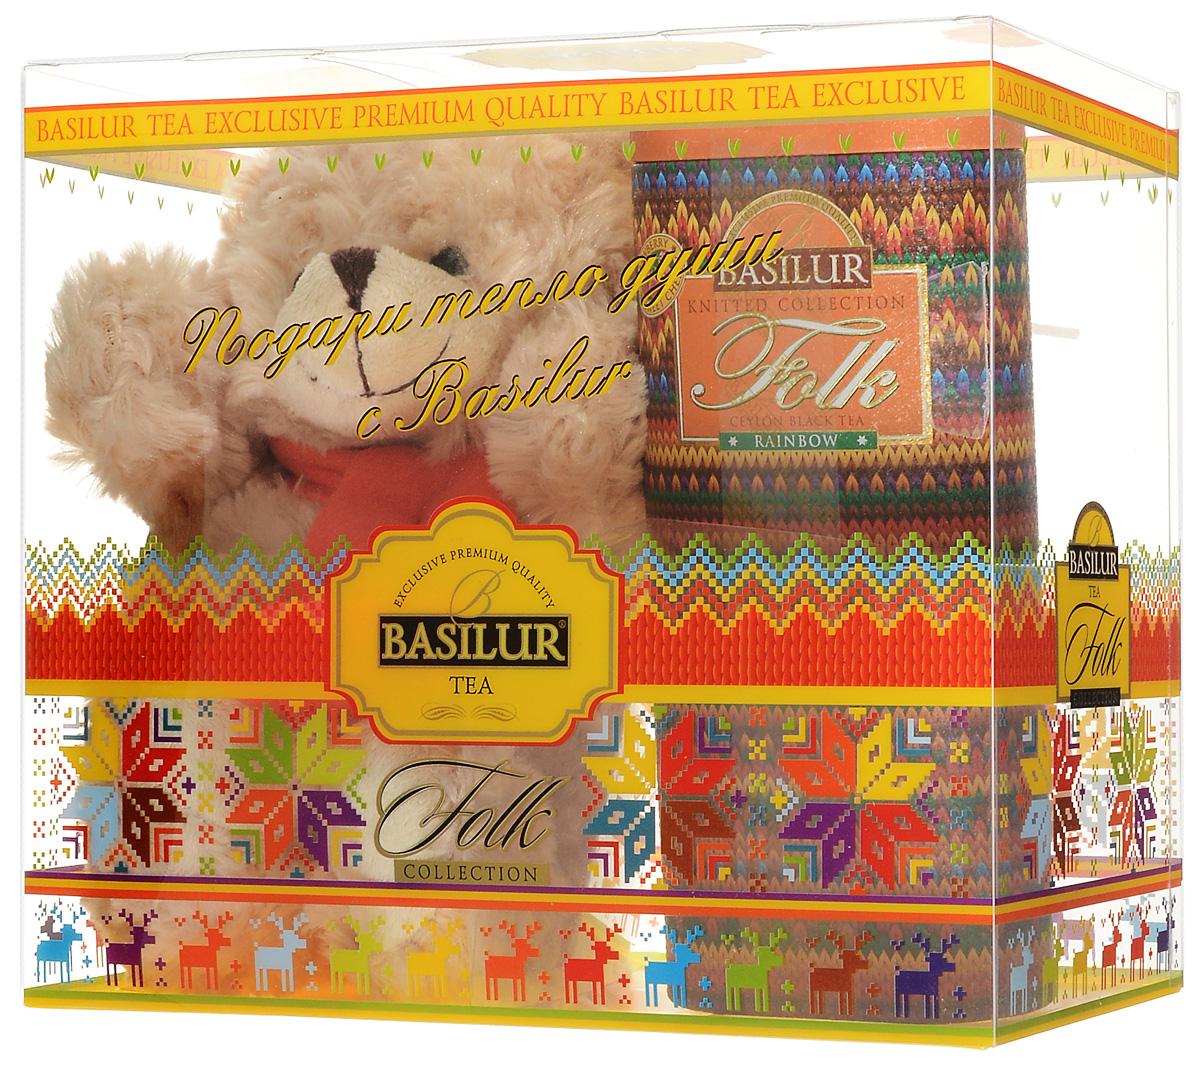 Basilur Folk Rainbow черный листовой чай с игрушкой, 100 г50198-00Подарочный набор Радость включает в себя черный листовой чай Basilur Folk Rainbow и мягкую игрушку - плюшевого мишку, который порадует и взрослых и детей. Для детей всегда желанна новая игрушка, особенно такой милый медвежонок. Что касается взрослых, то каждый из нас когда-то был ребенком и имел любимую игрушку, которой можно было рассказать заветные секреты. Размер игрушки: 240 x 200 x 100 мм. Basilur Folk Rainbow - черный цейлонский байховый листовой чай с вишней, лепестками сафлора, василька и календулы, а также ароматами клубники и вишни.